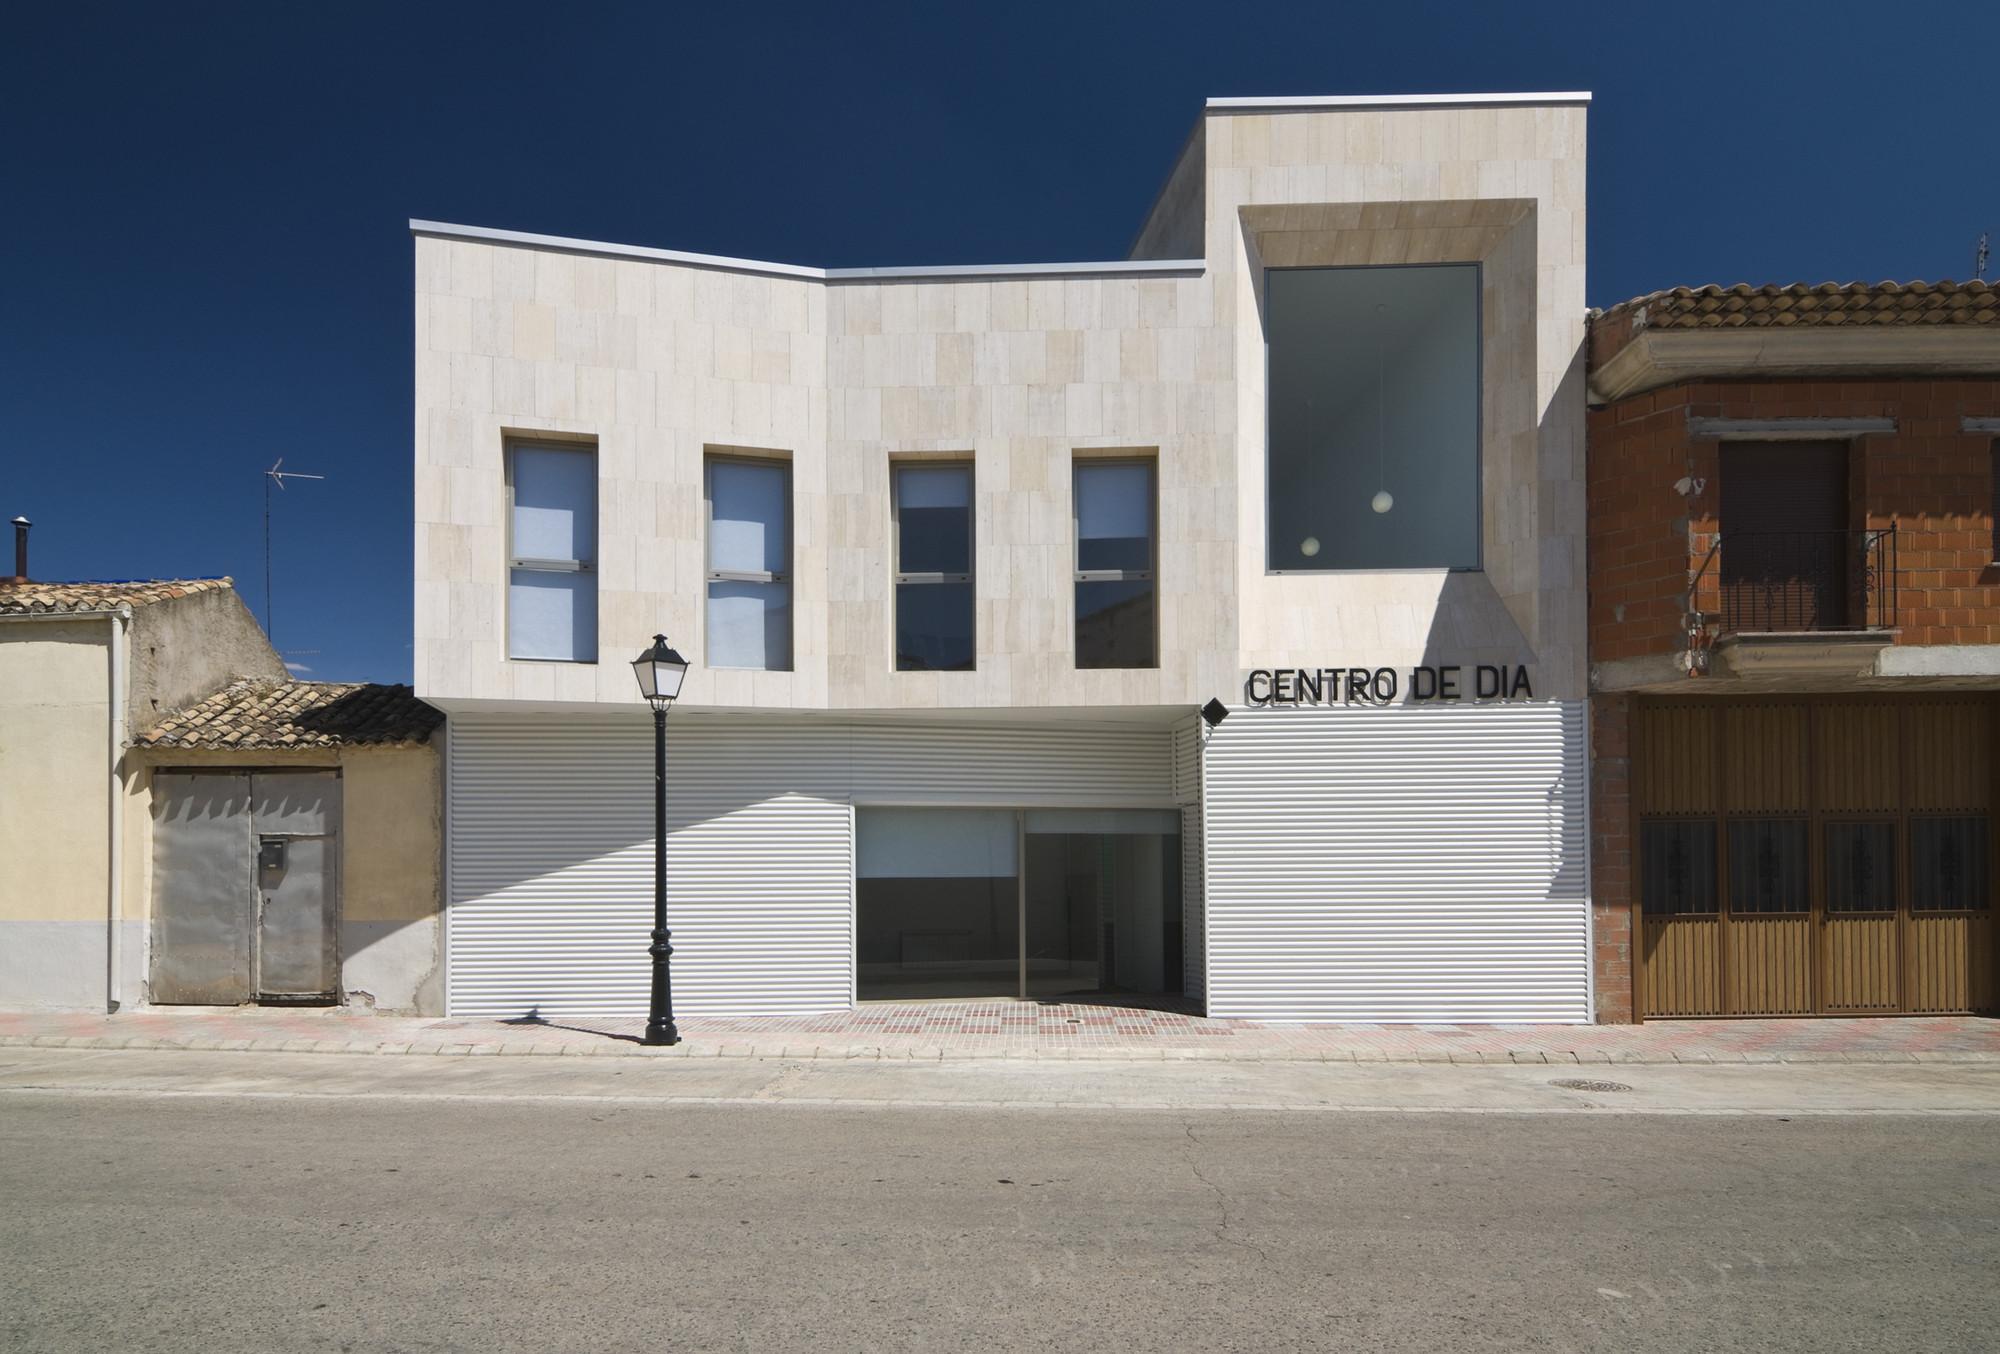 Day Centre / Diaz Romero Arquitectos